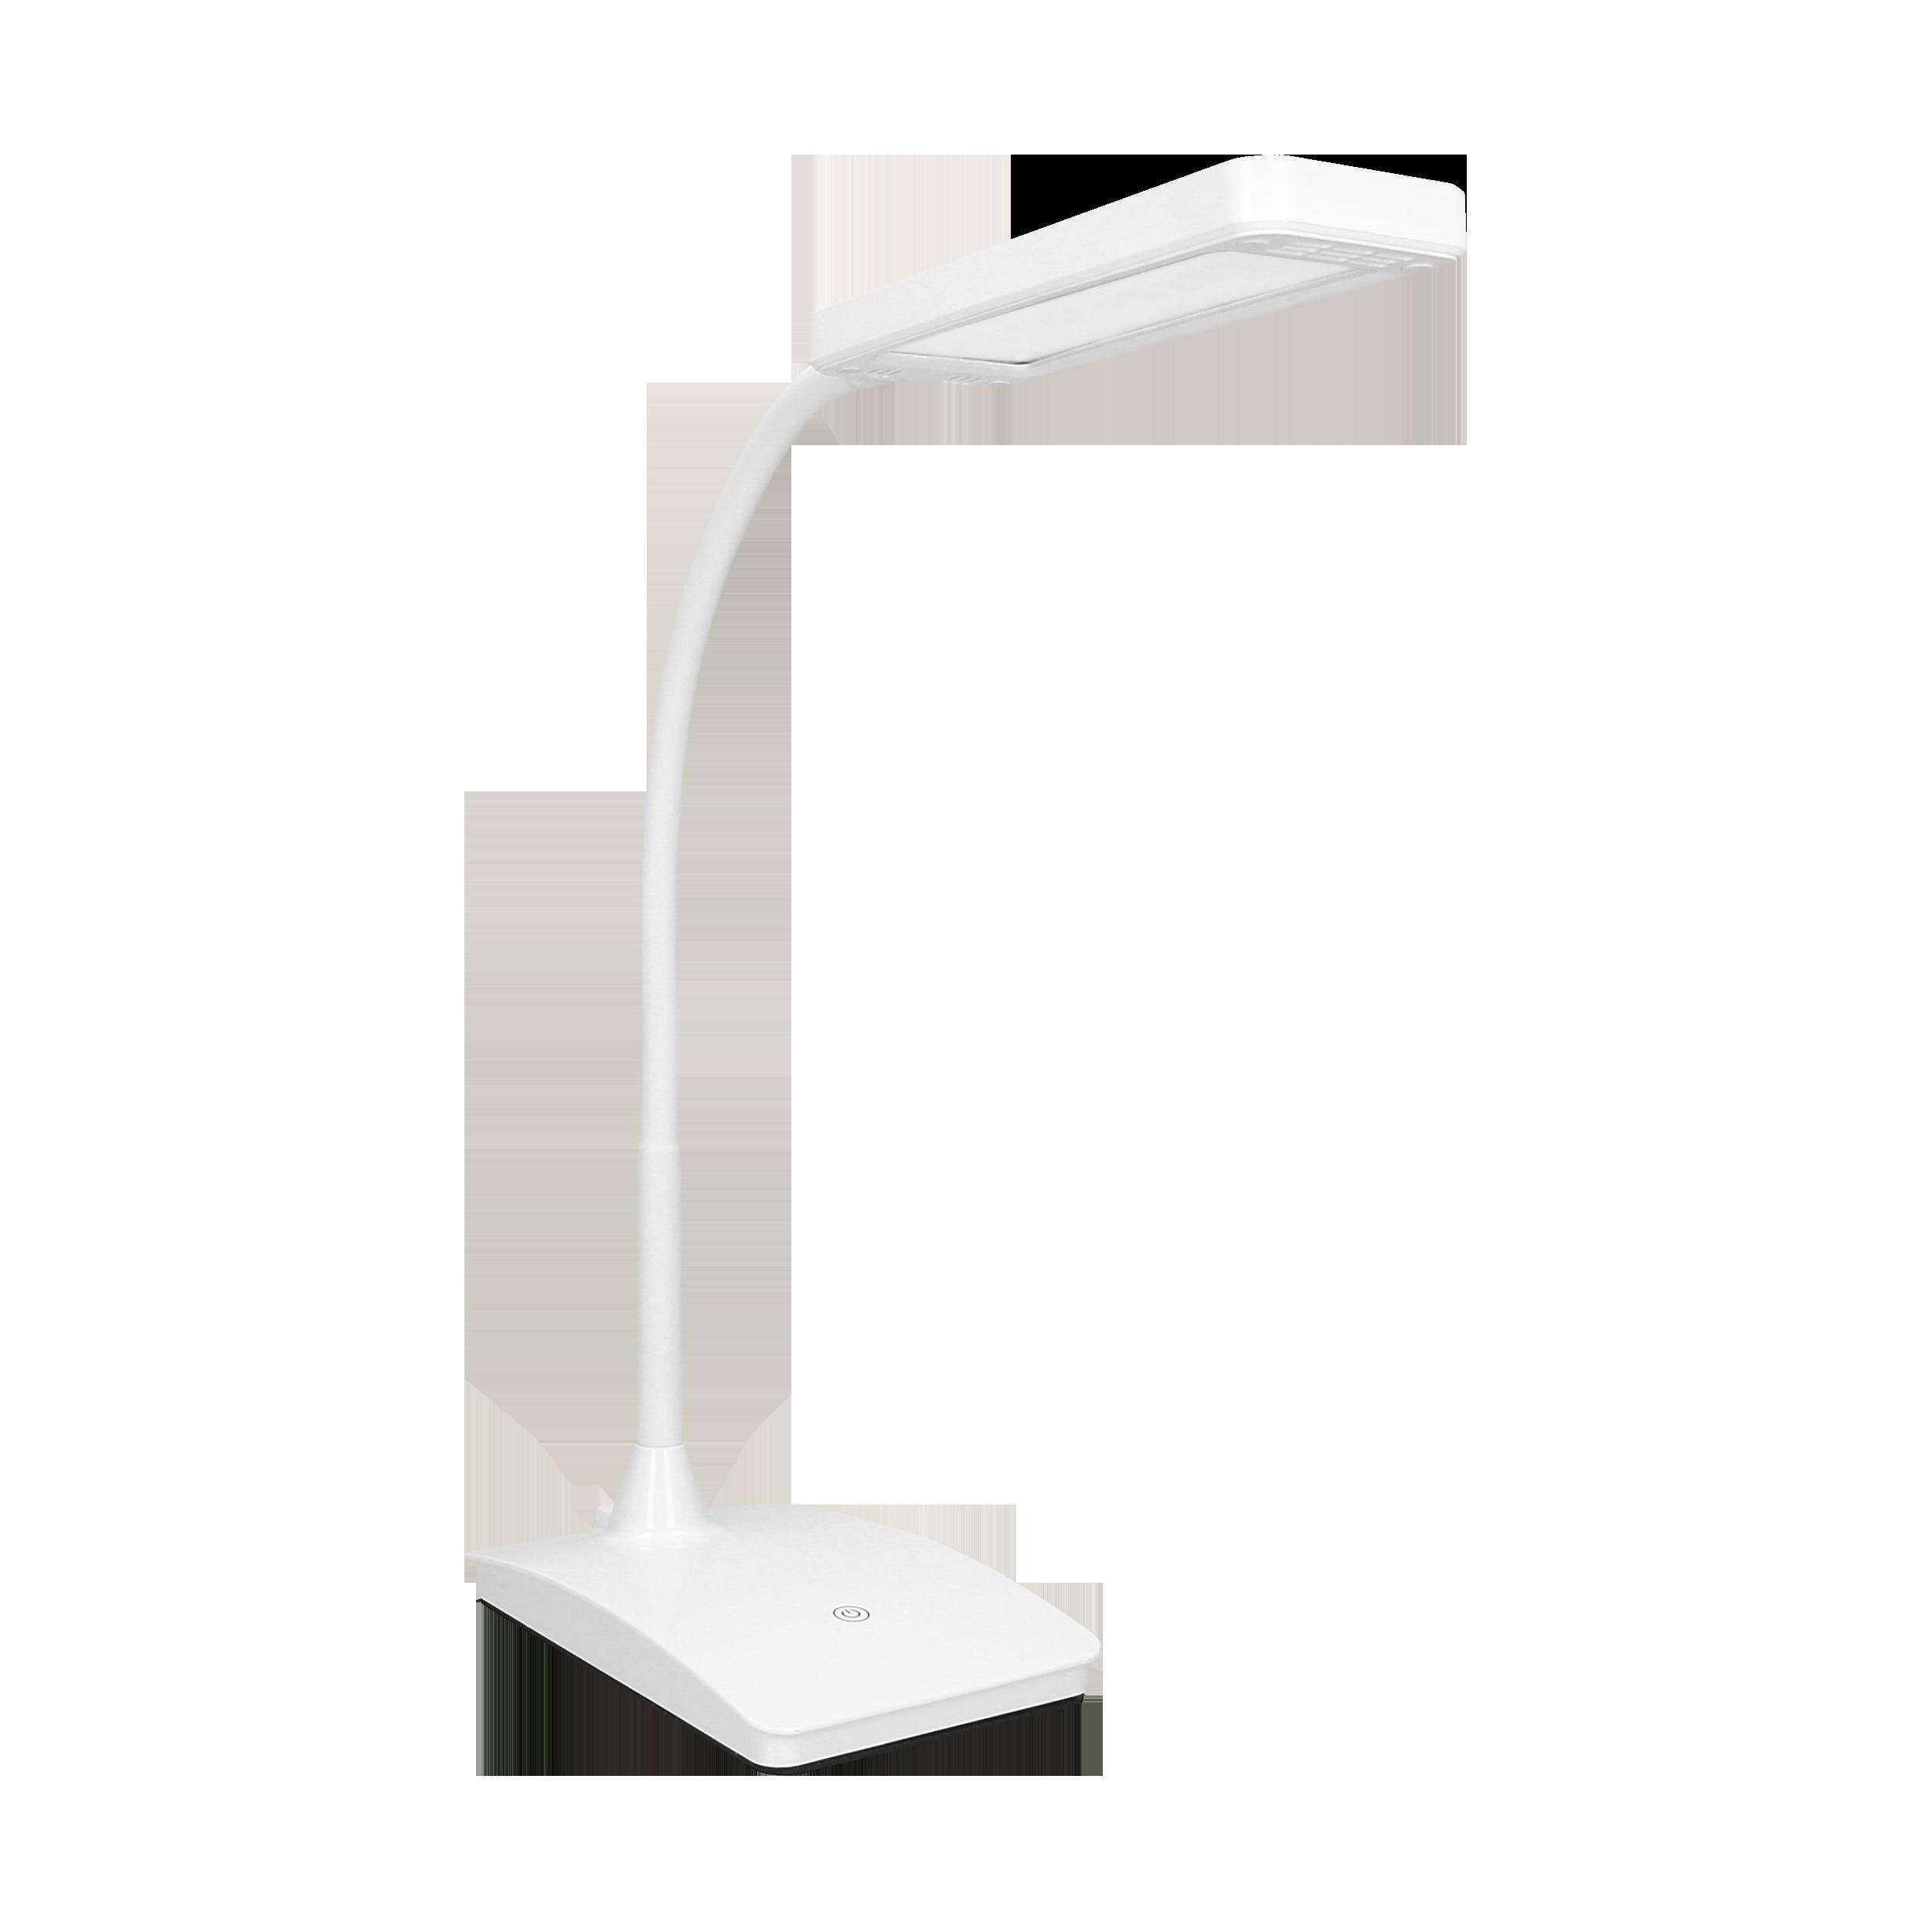 TOPAZ LED DIM 6W, lampka biurkowa, 360lm, 3000K, biała, funkcja ściemniania